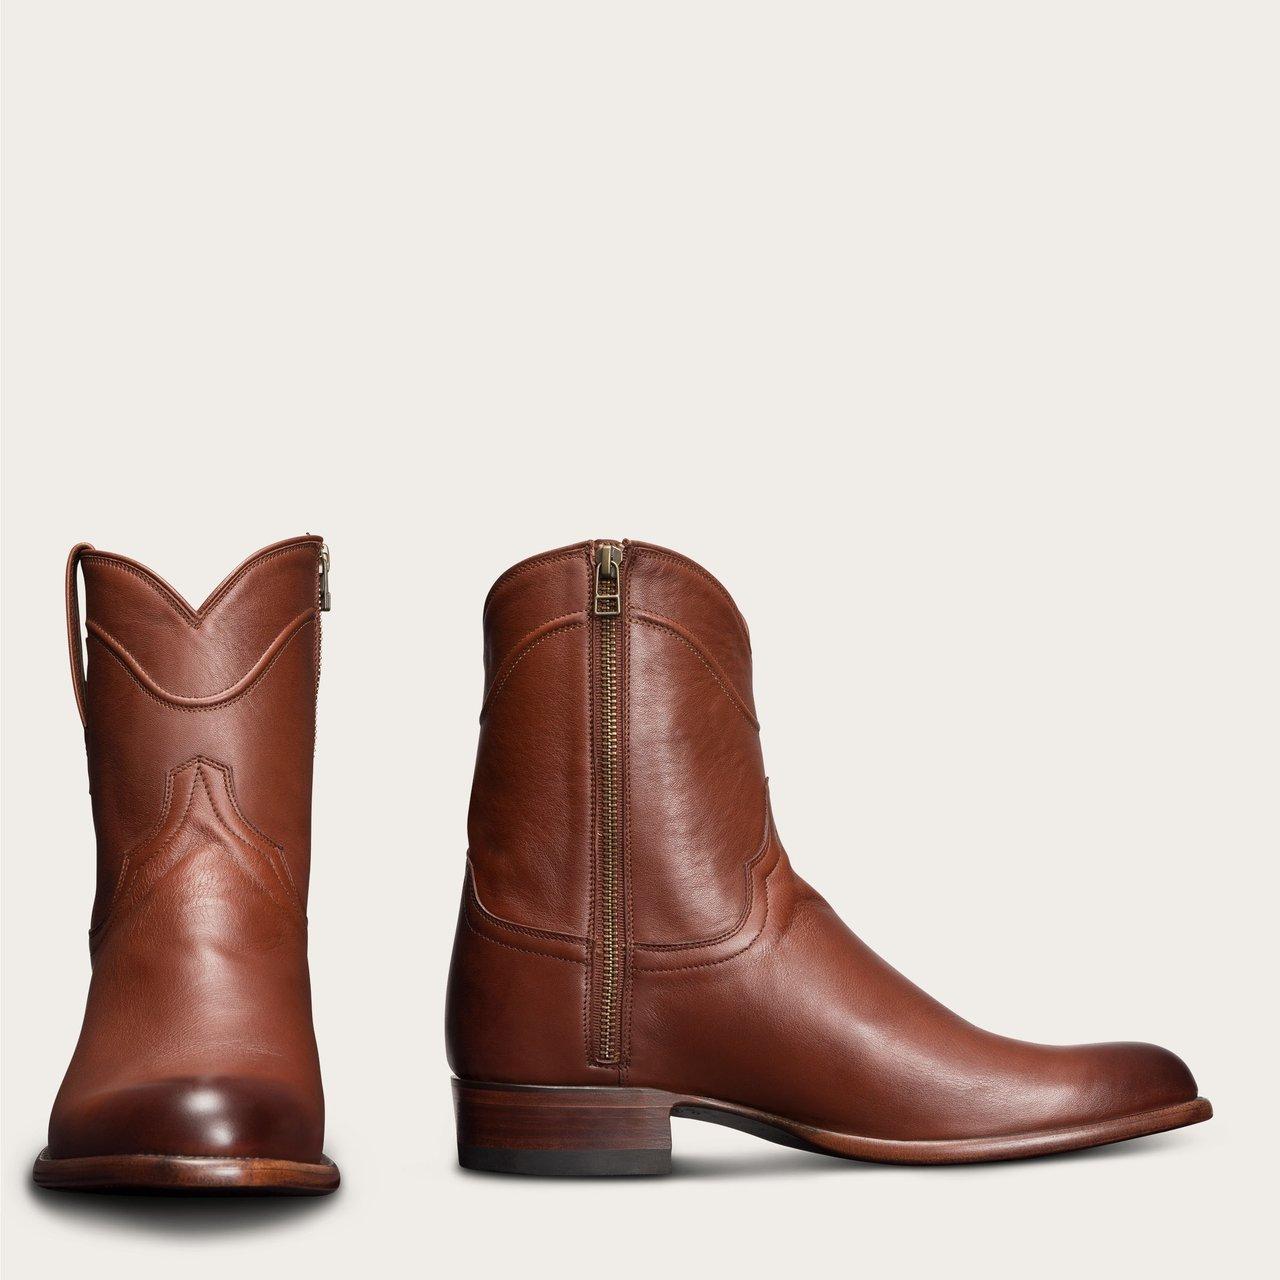 tecovas boots review